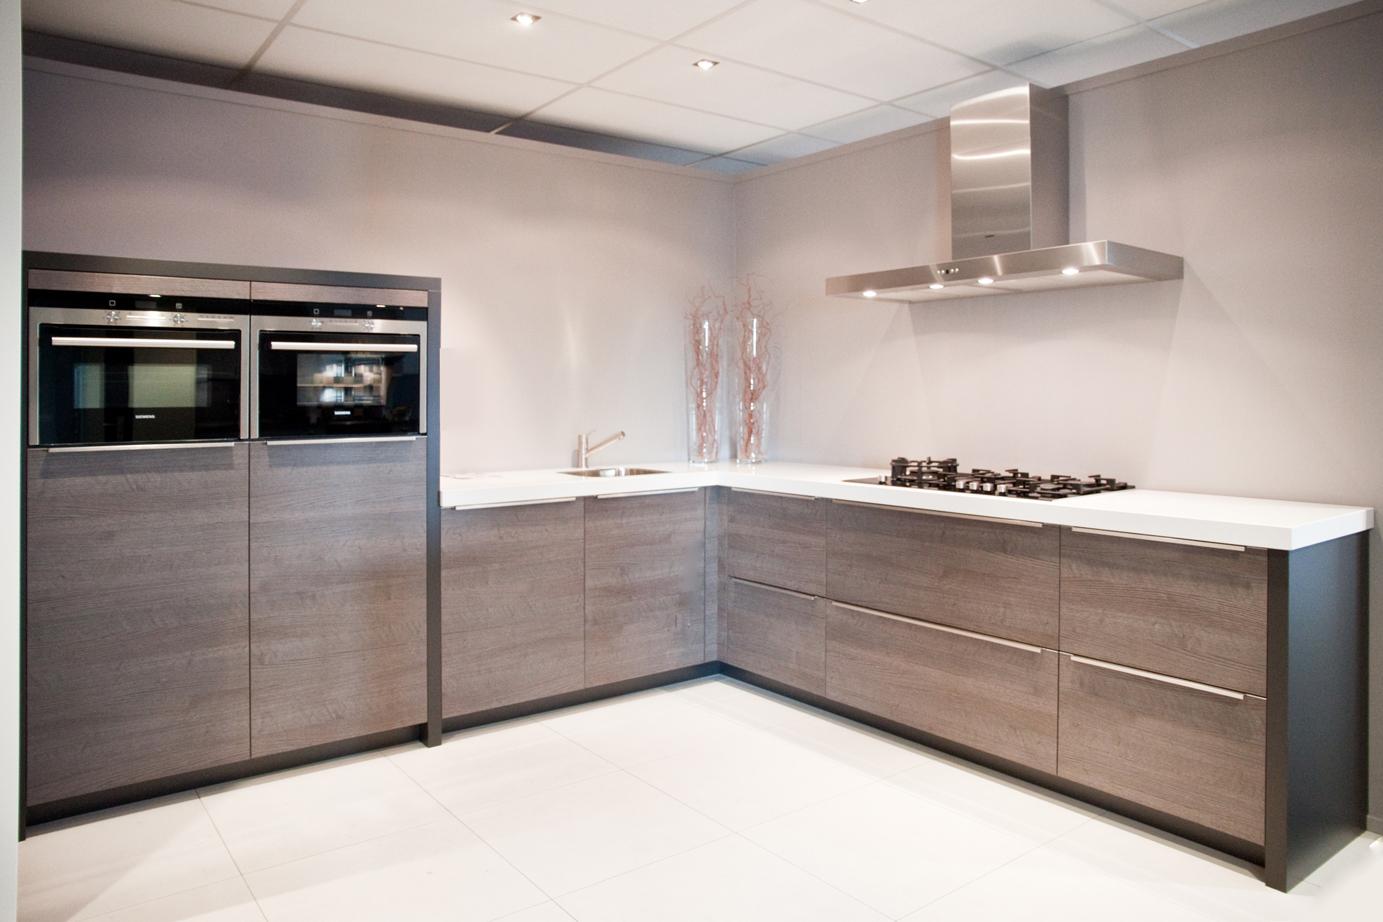 Keuken Zonder Bovenkasten : Design keuken. Mooi strak, zonder bovenkastjes. – DB Keukens